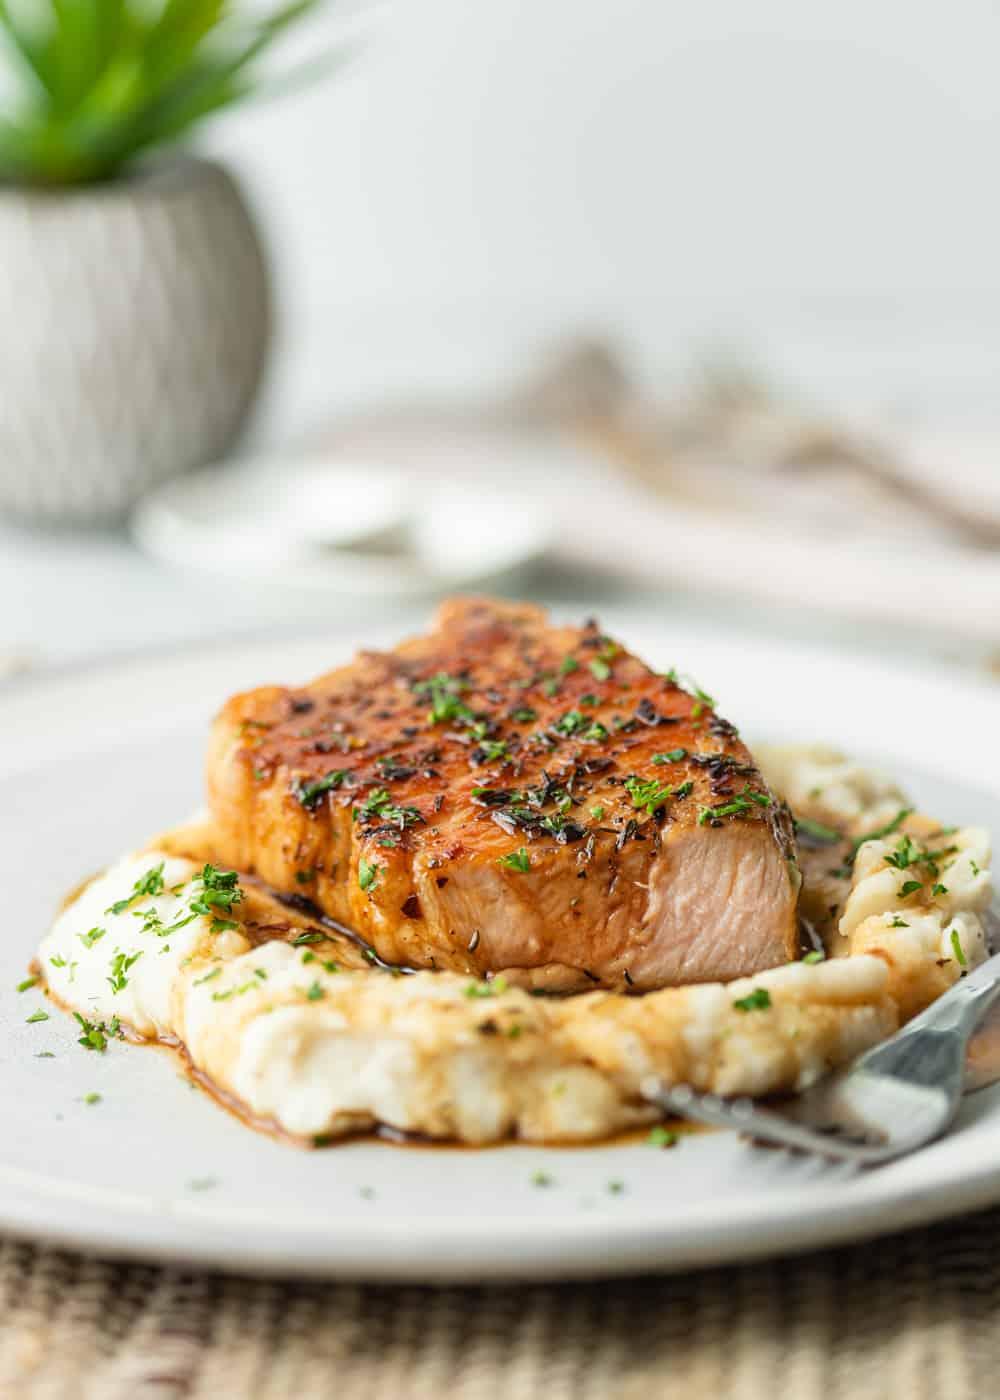 plated pork chop on masehed potatoes with glaze sauce